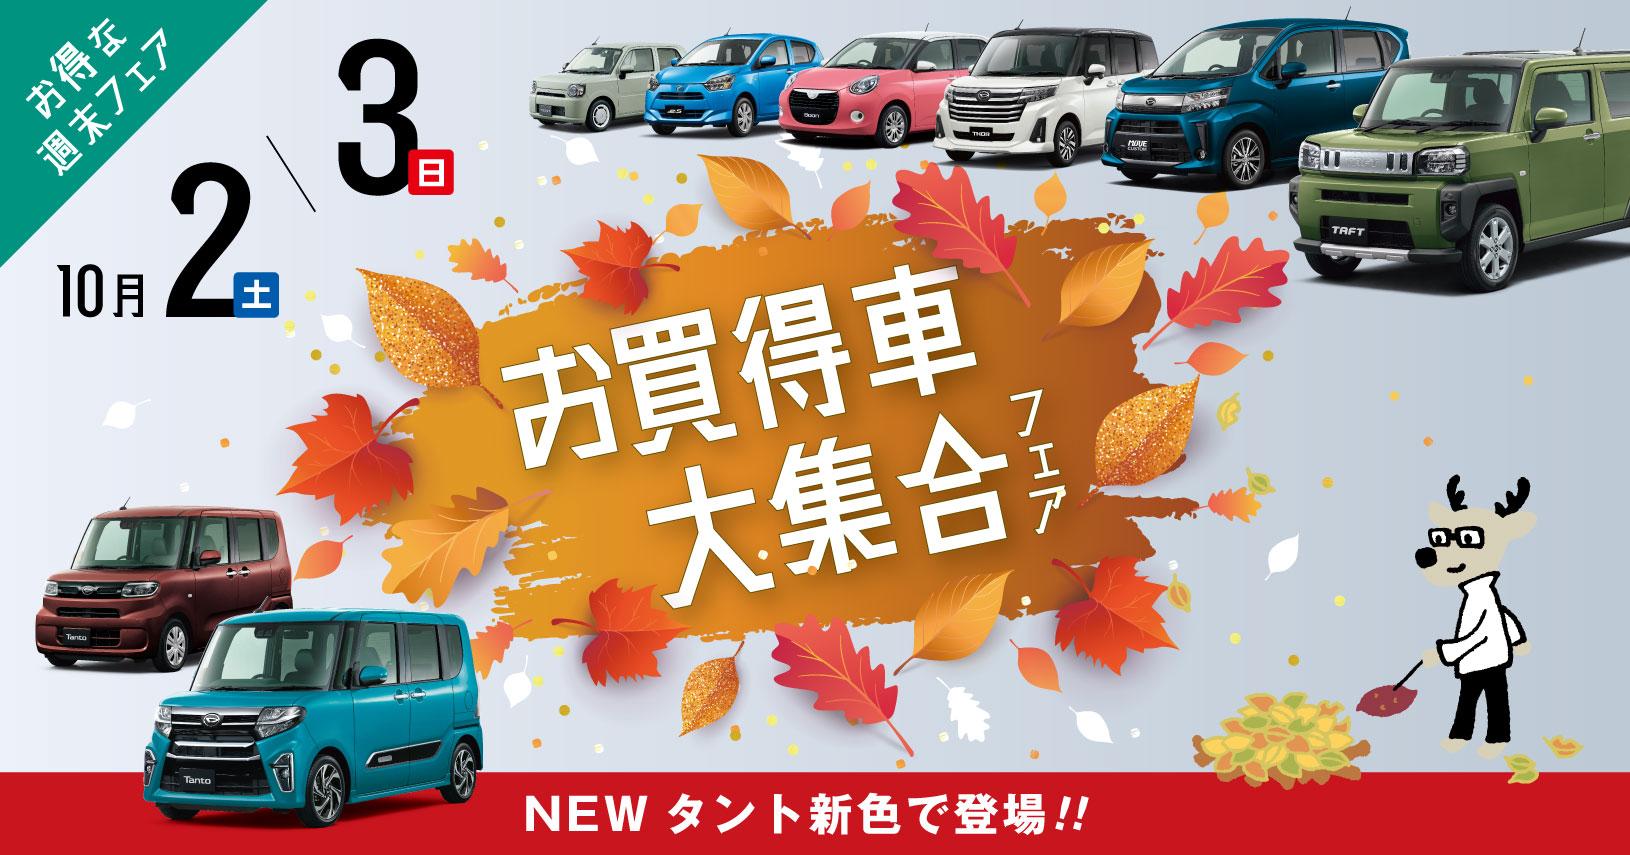 10月2-3日今週末は「お買得車 大集合フェア」開催!!